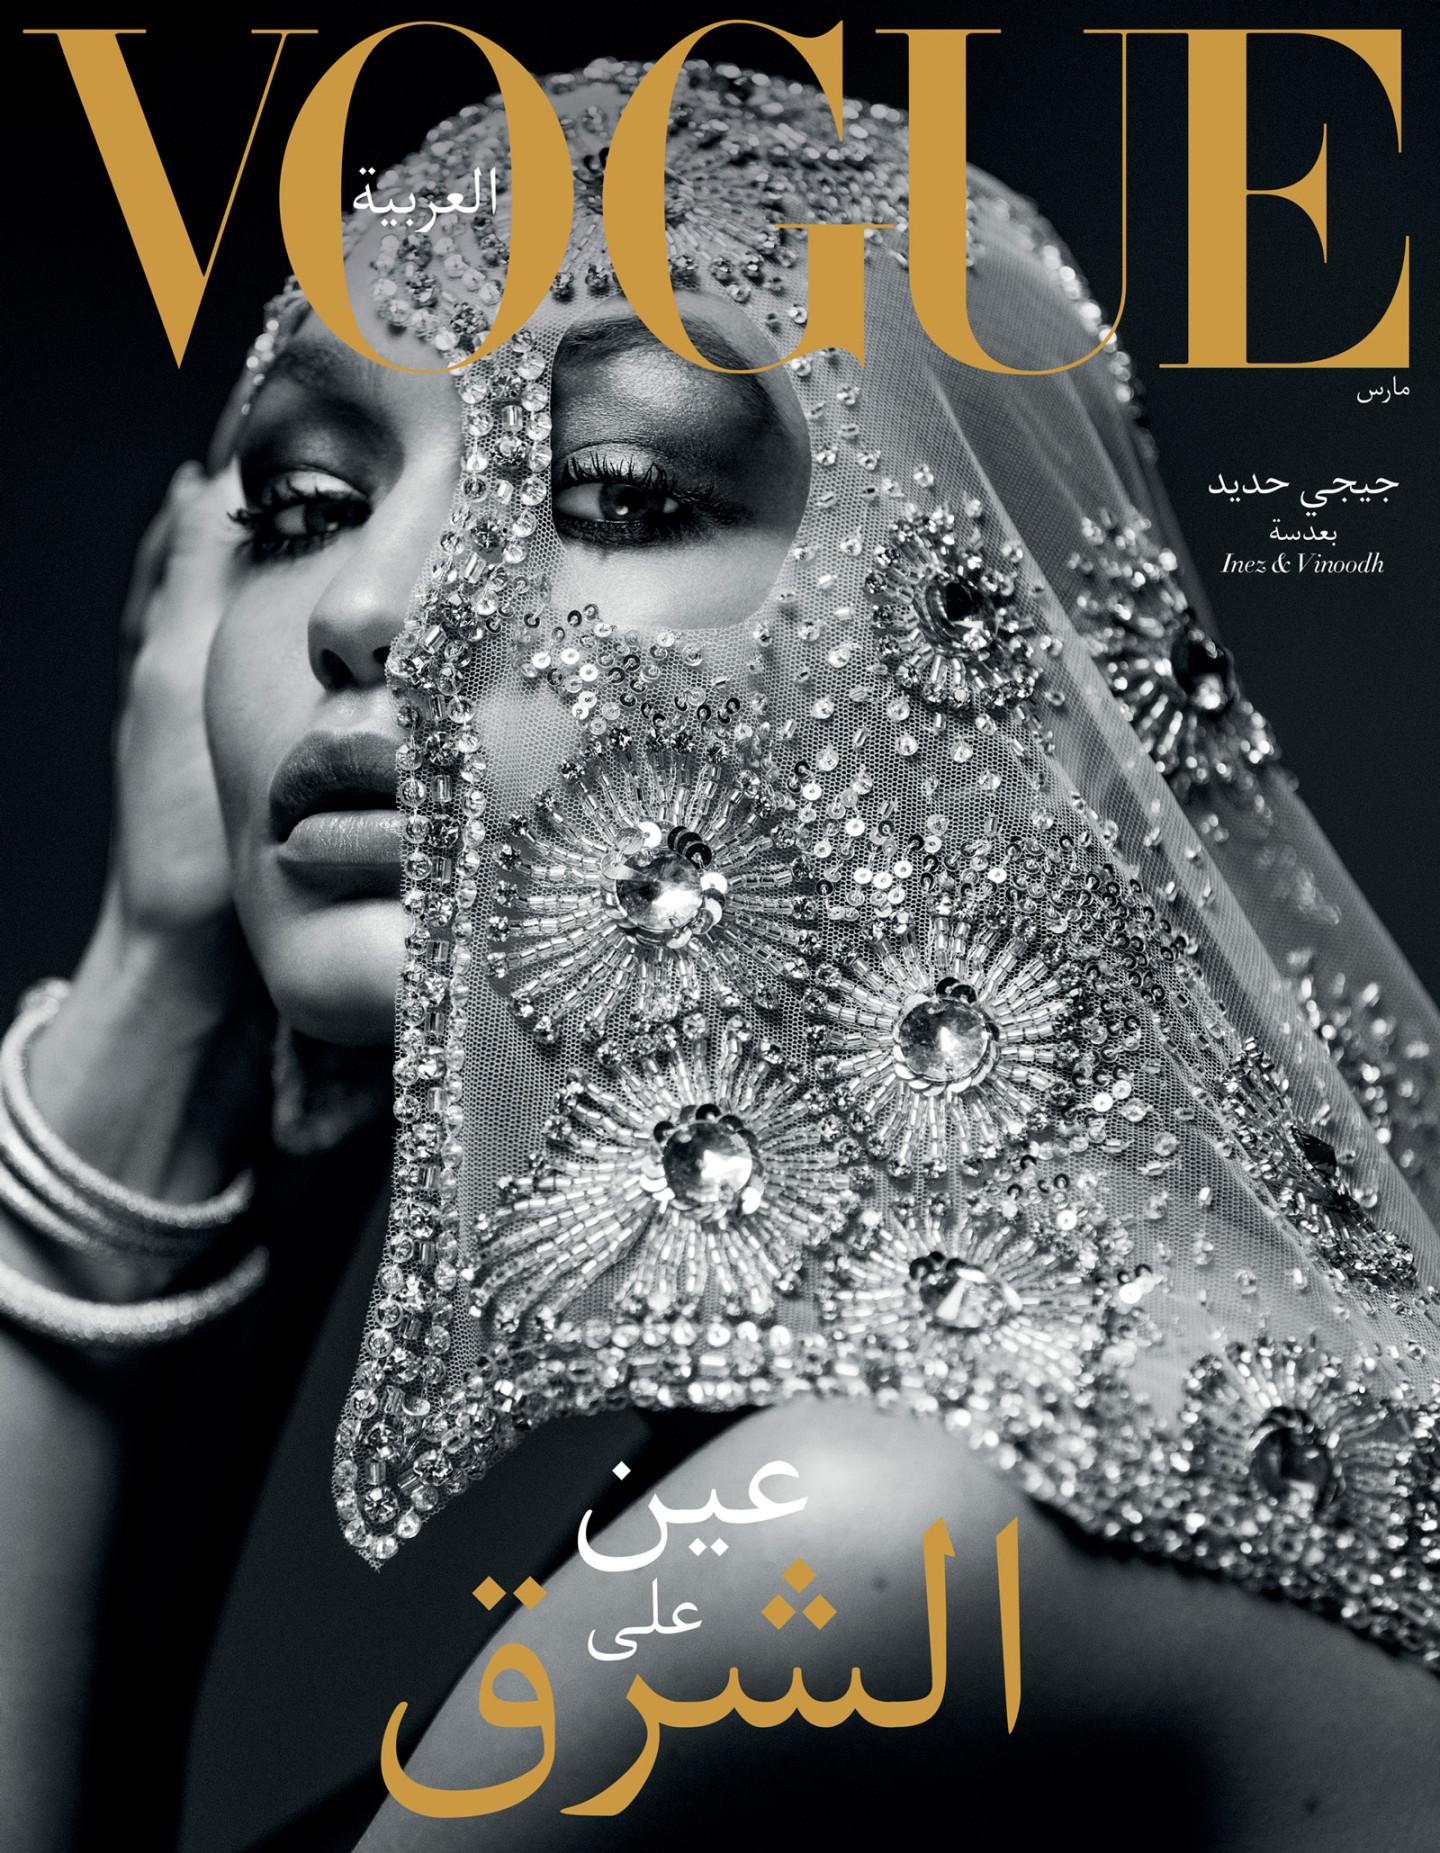 Фото: Vogue